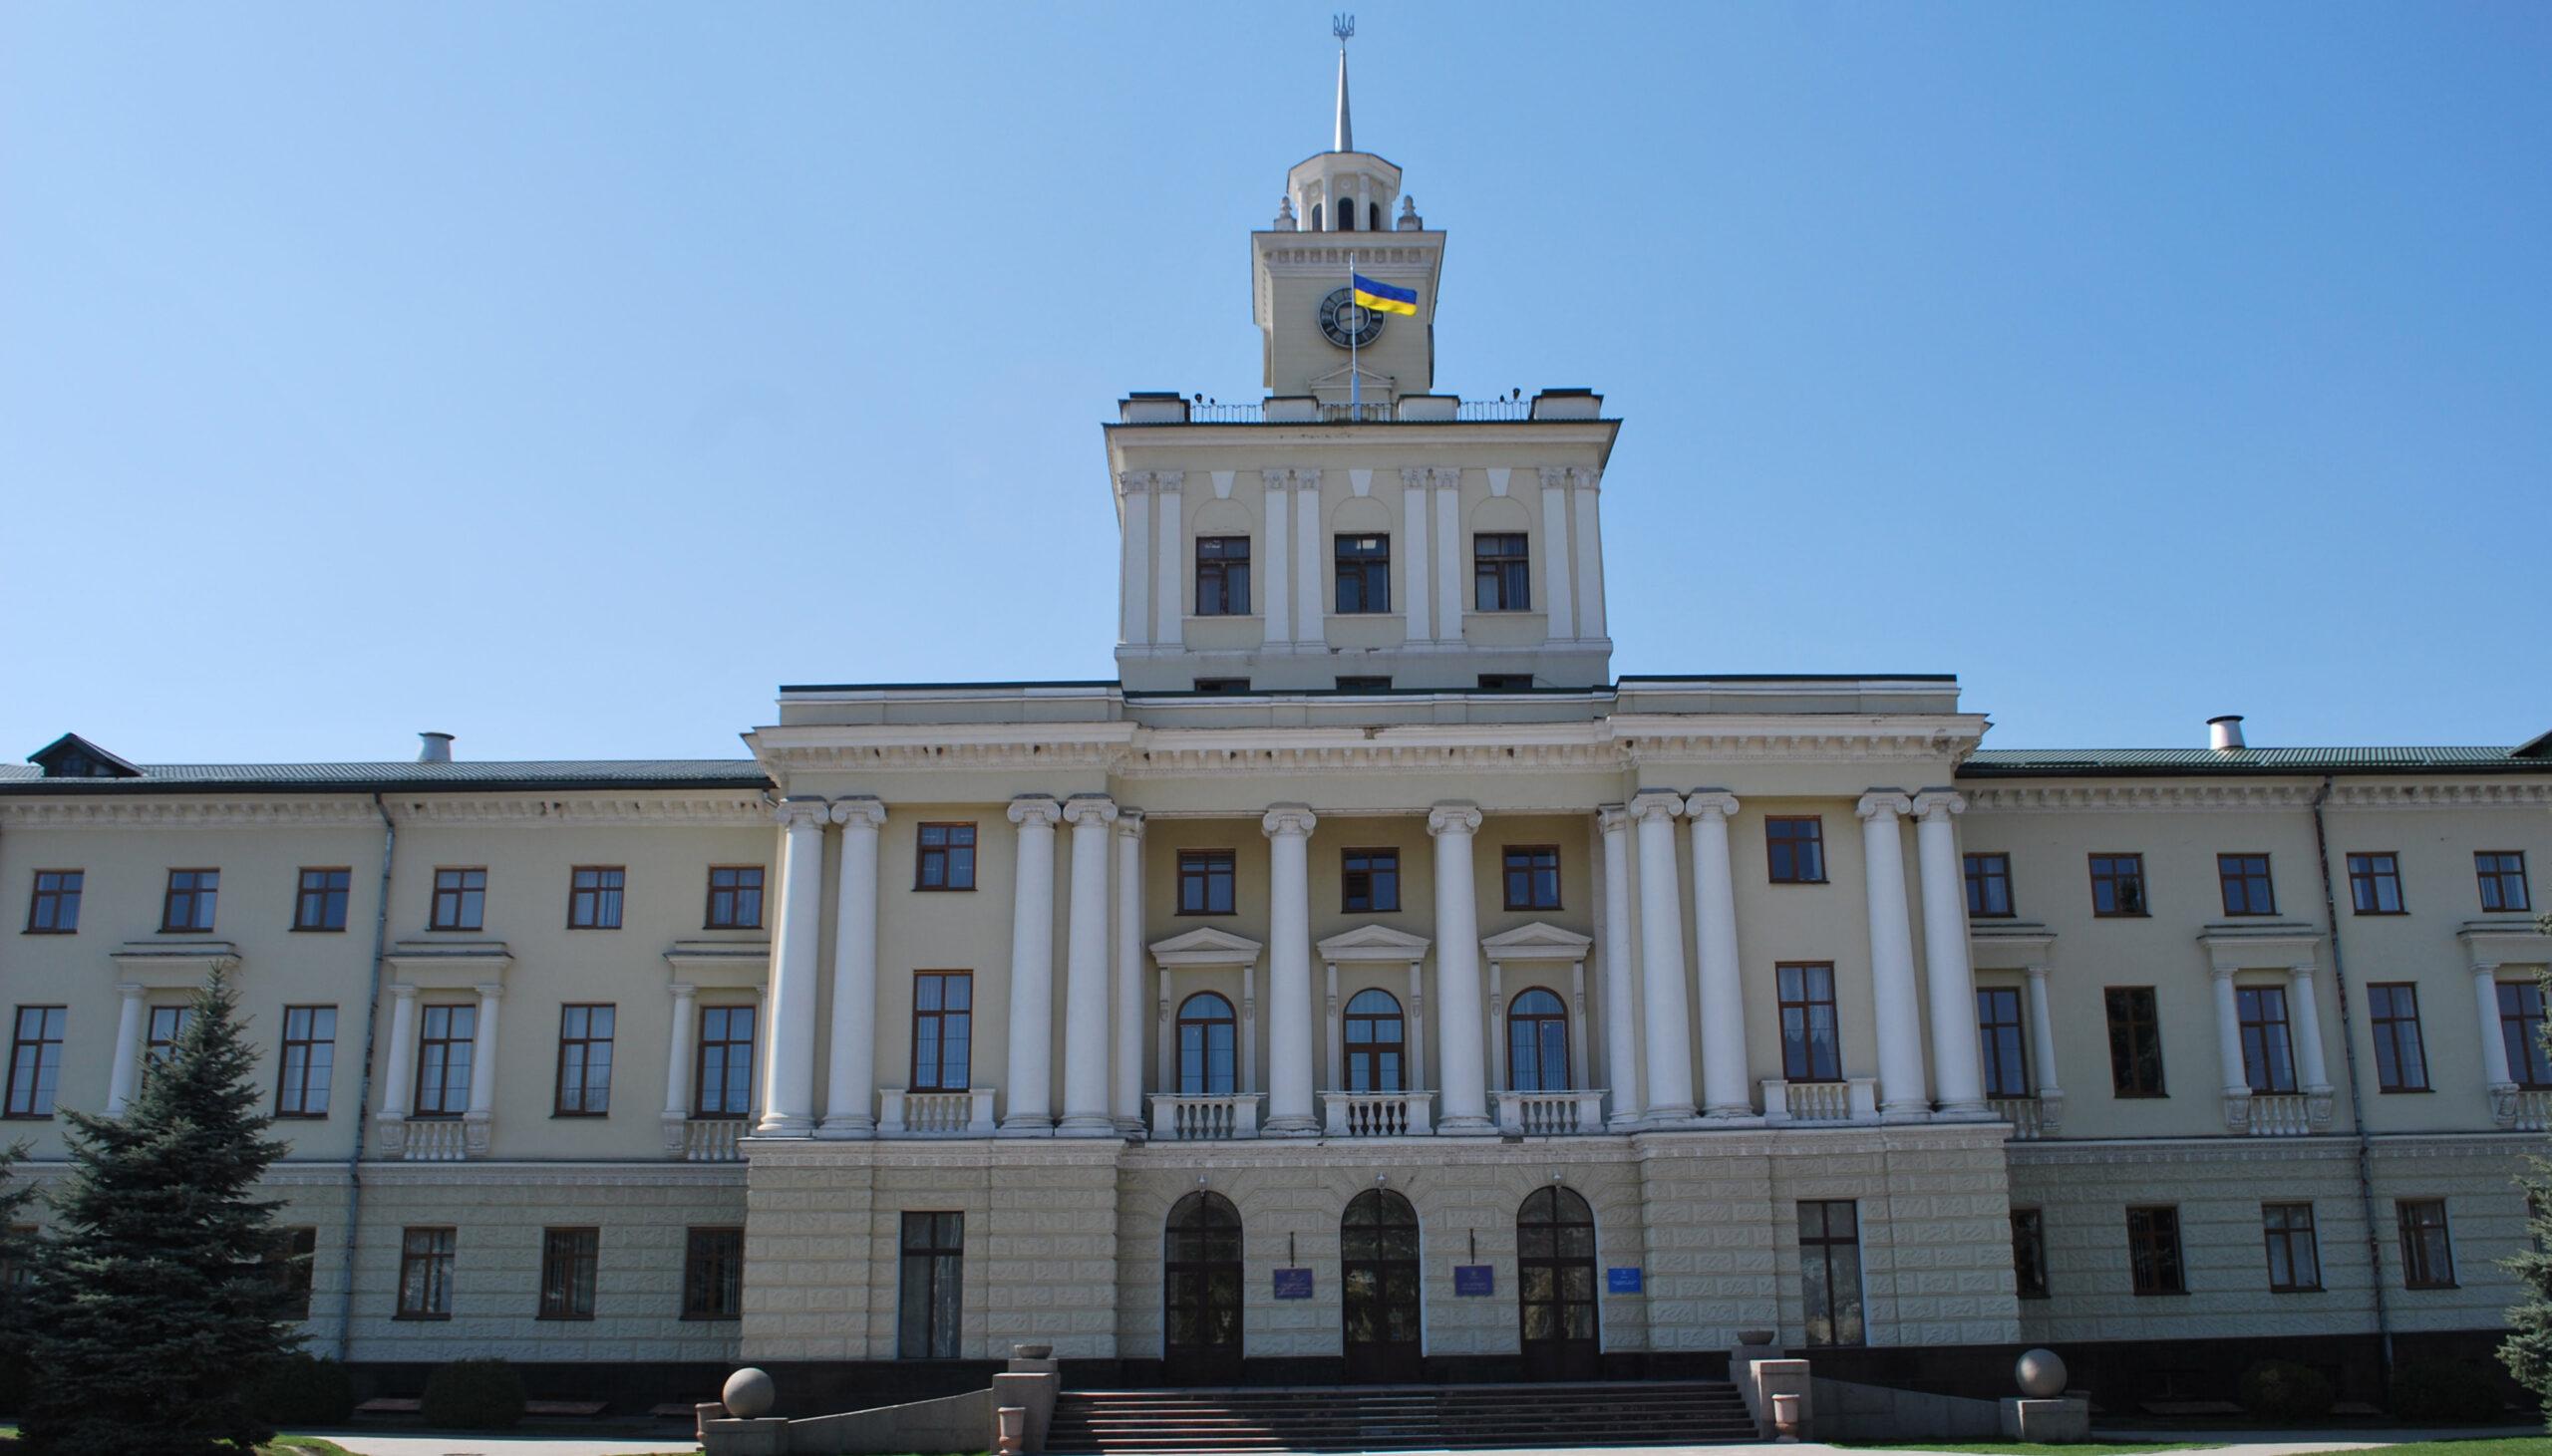 Депутати Хмельниччини звернулися до уряду щодо можливості самостійно визначати карантинні обмеження